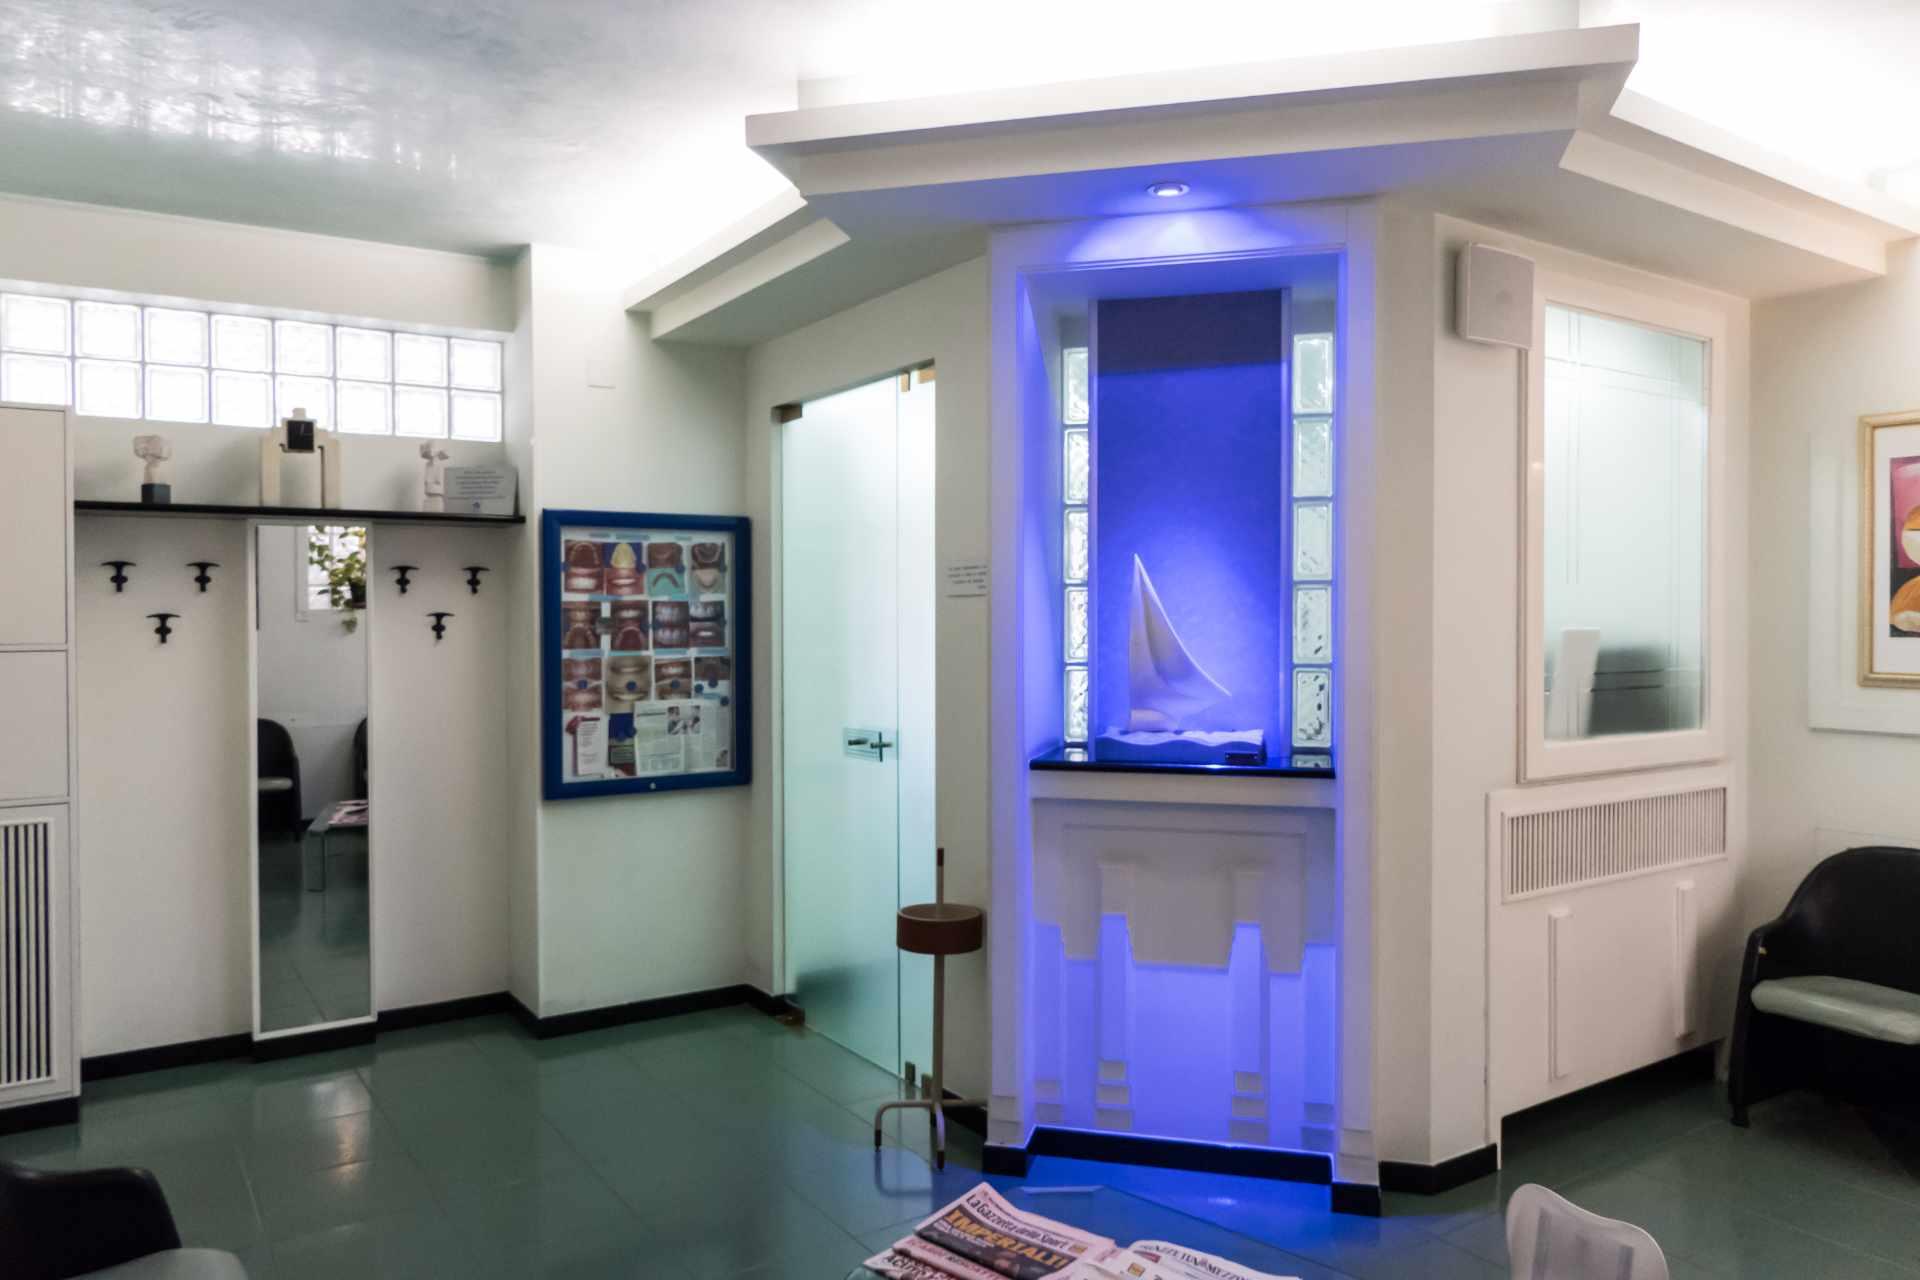 Studio Dentistico Iacoviello Giovanni Manfredonia